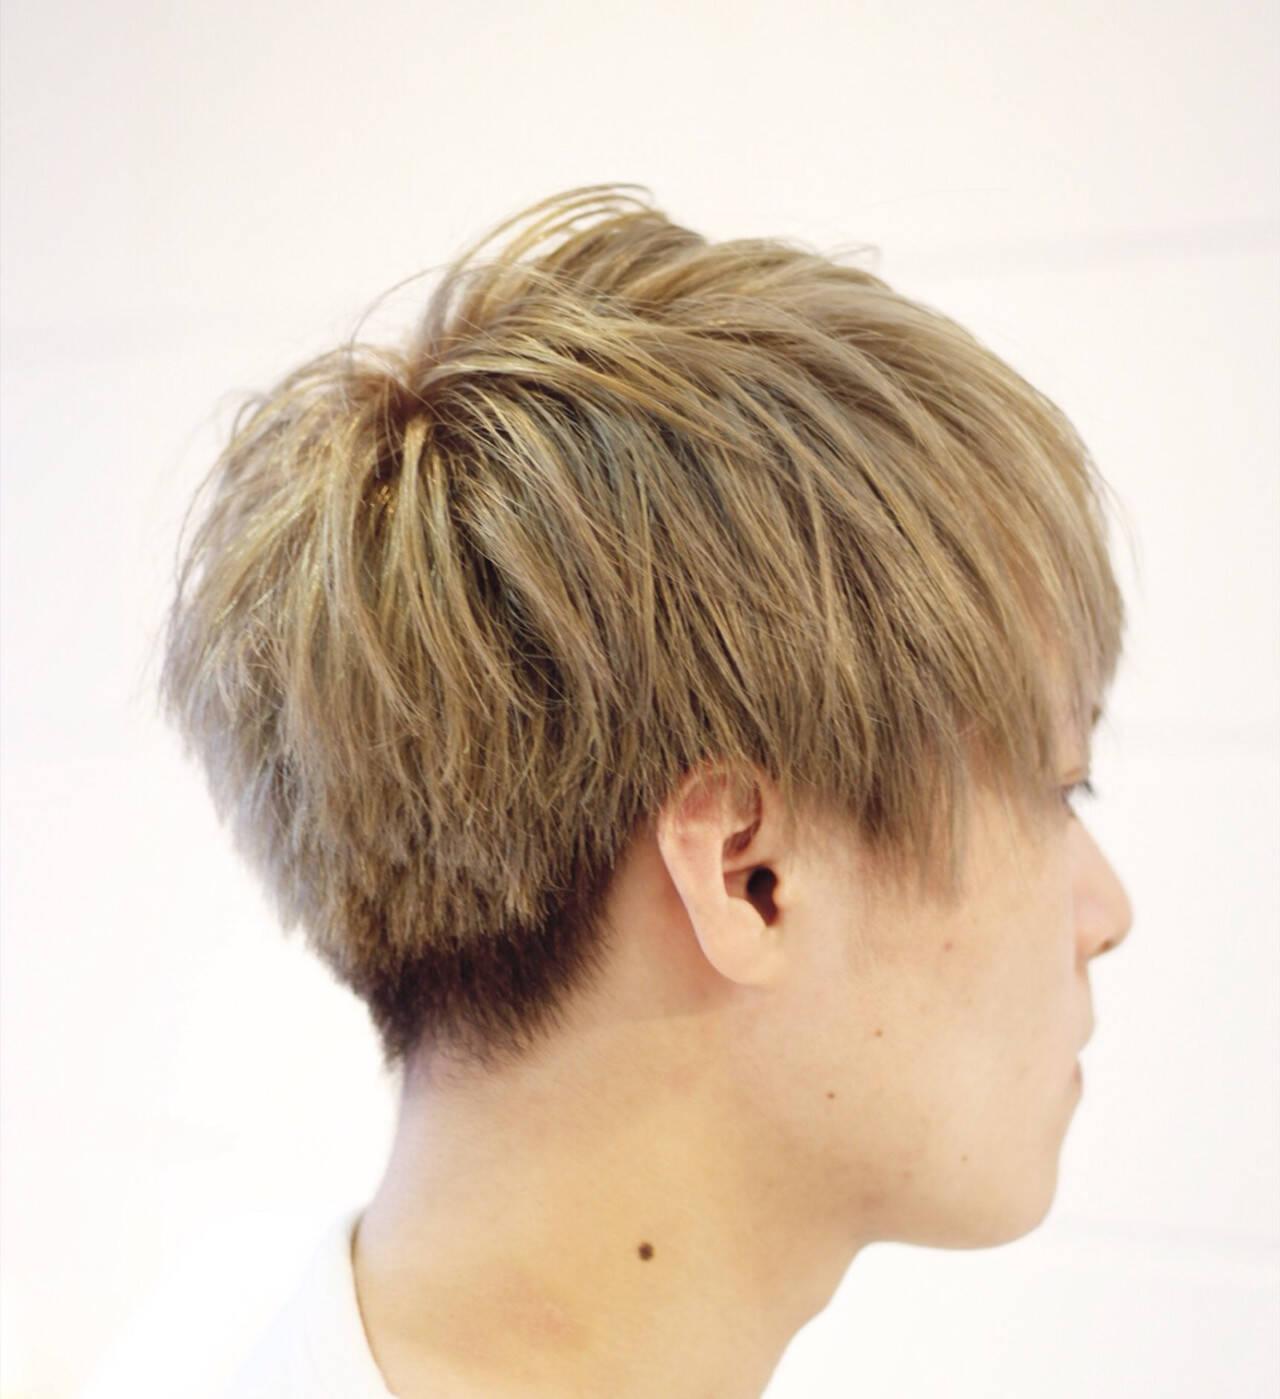 ハイトーン メンズ ボーイッシュ アッシュベージュヘアスタイルや髪型の写真・画像